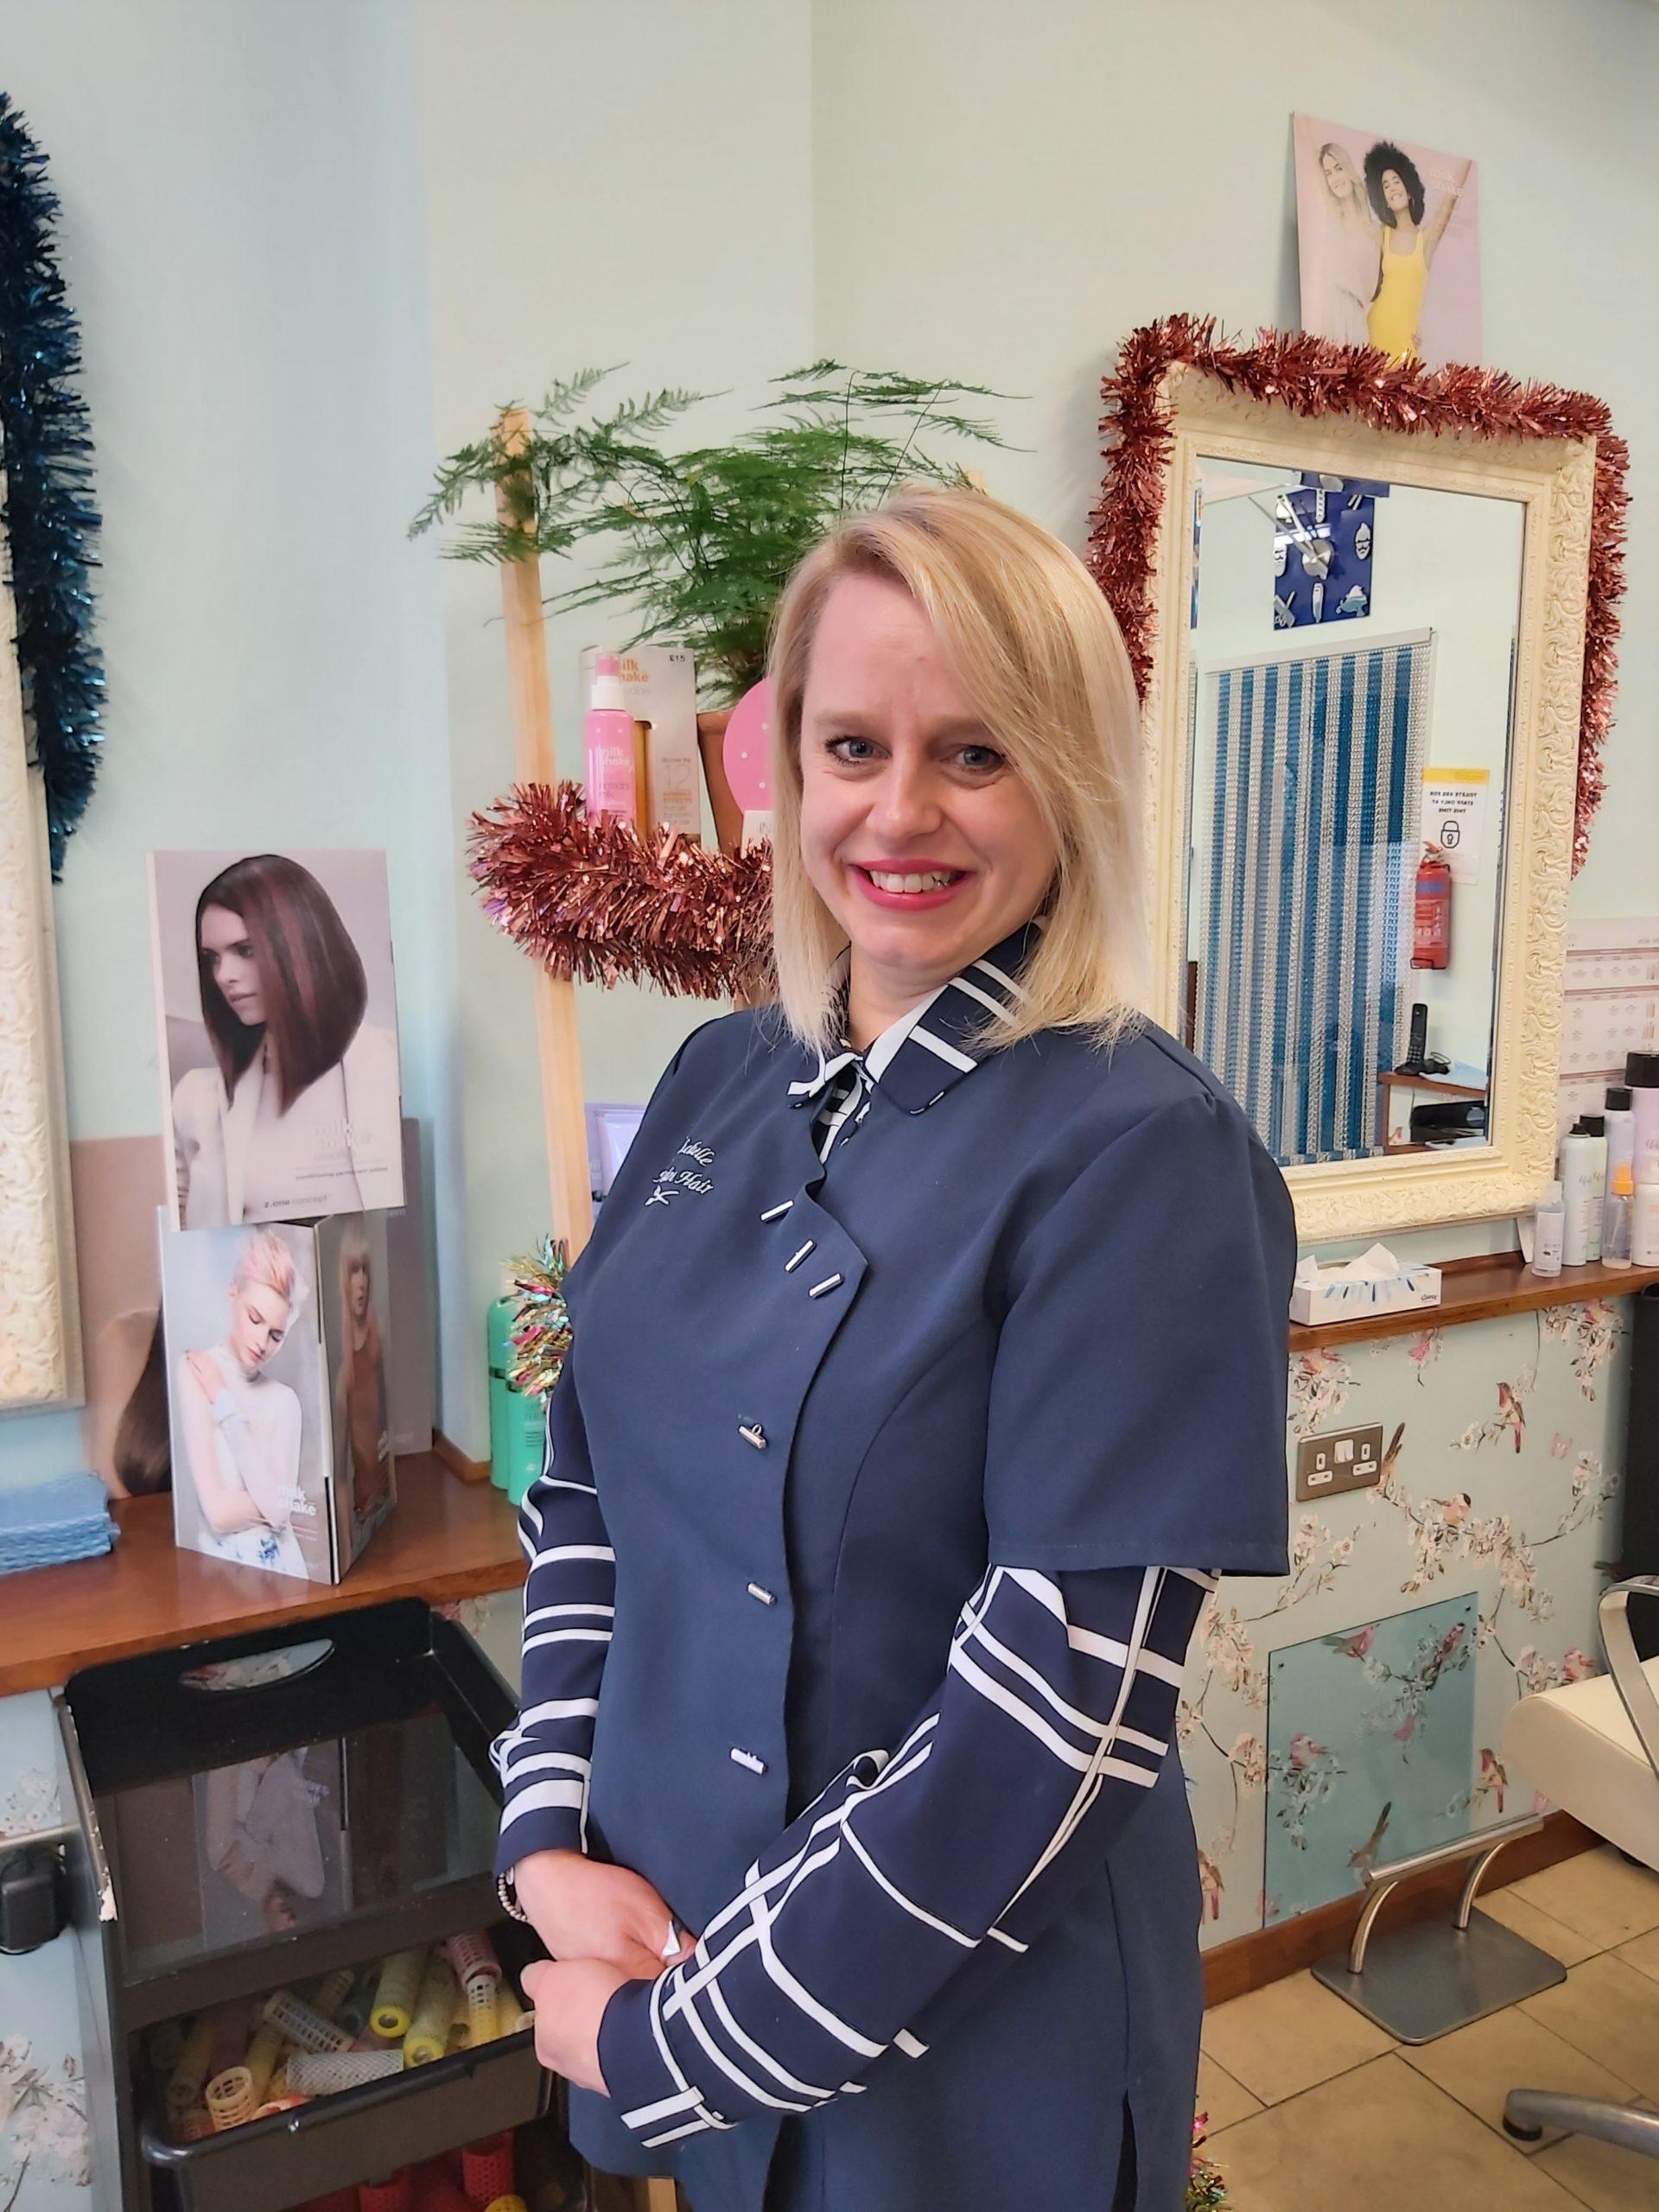 Michelle-aspire-hair-salon-staff